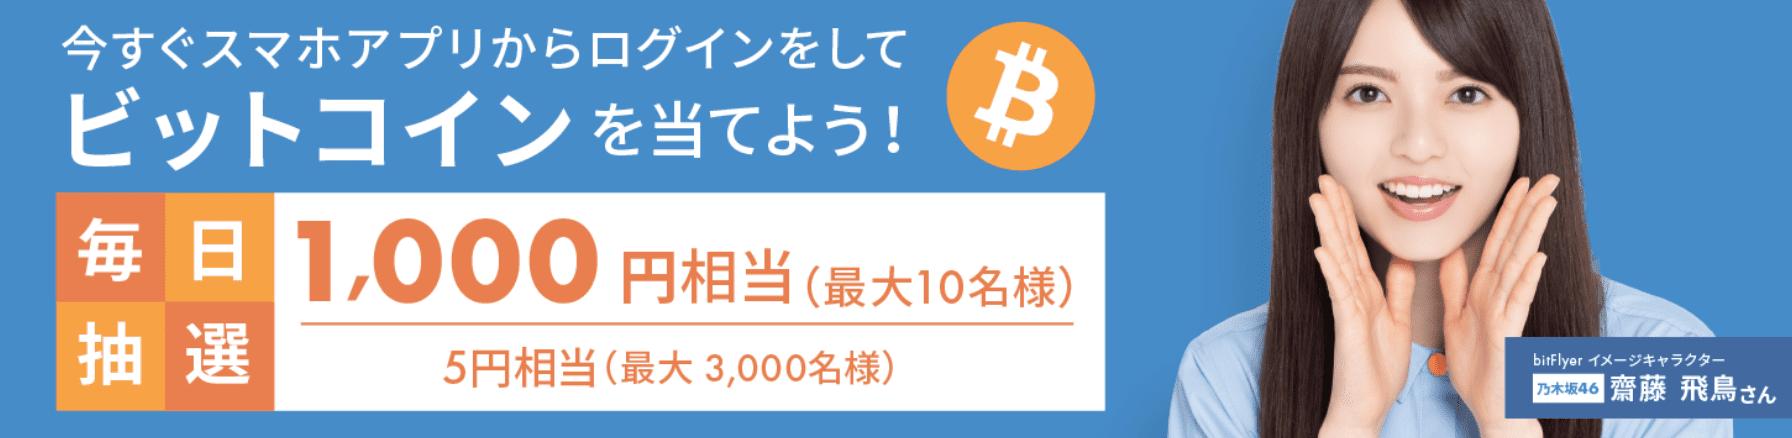 ビットコインが無料でもらえるアプリ3選!招待コードも公開!